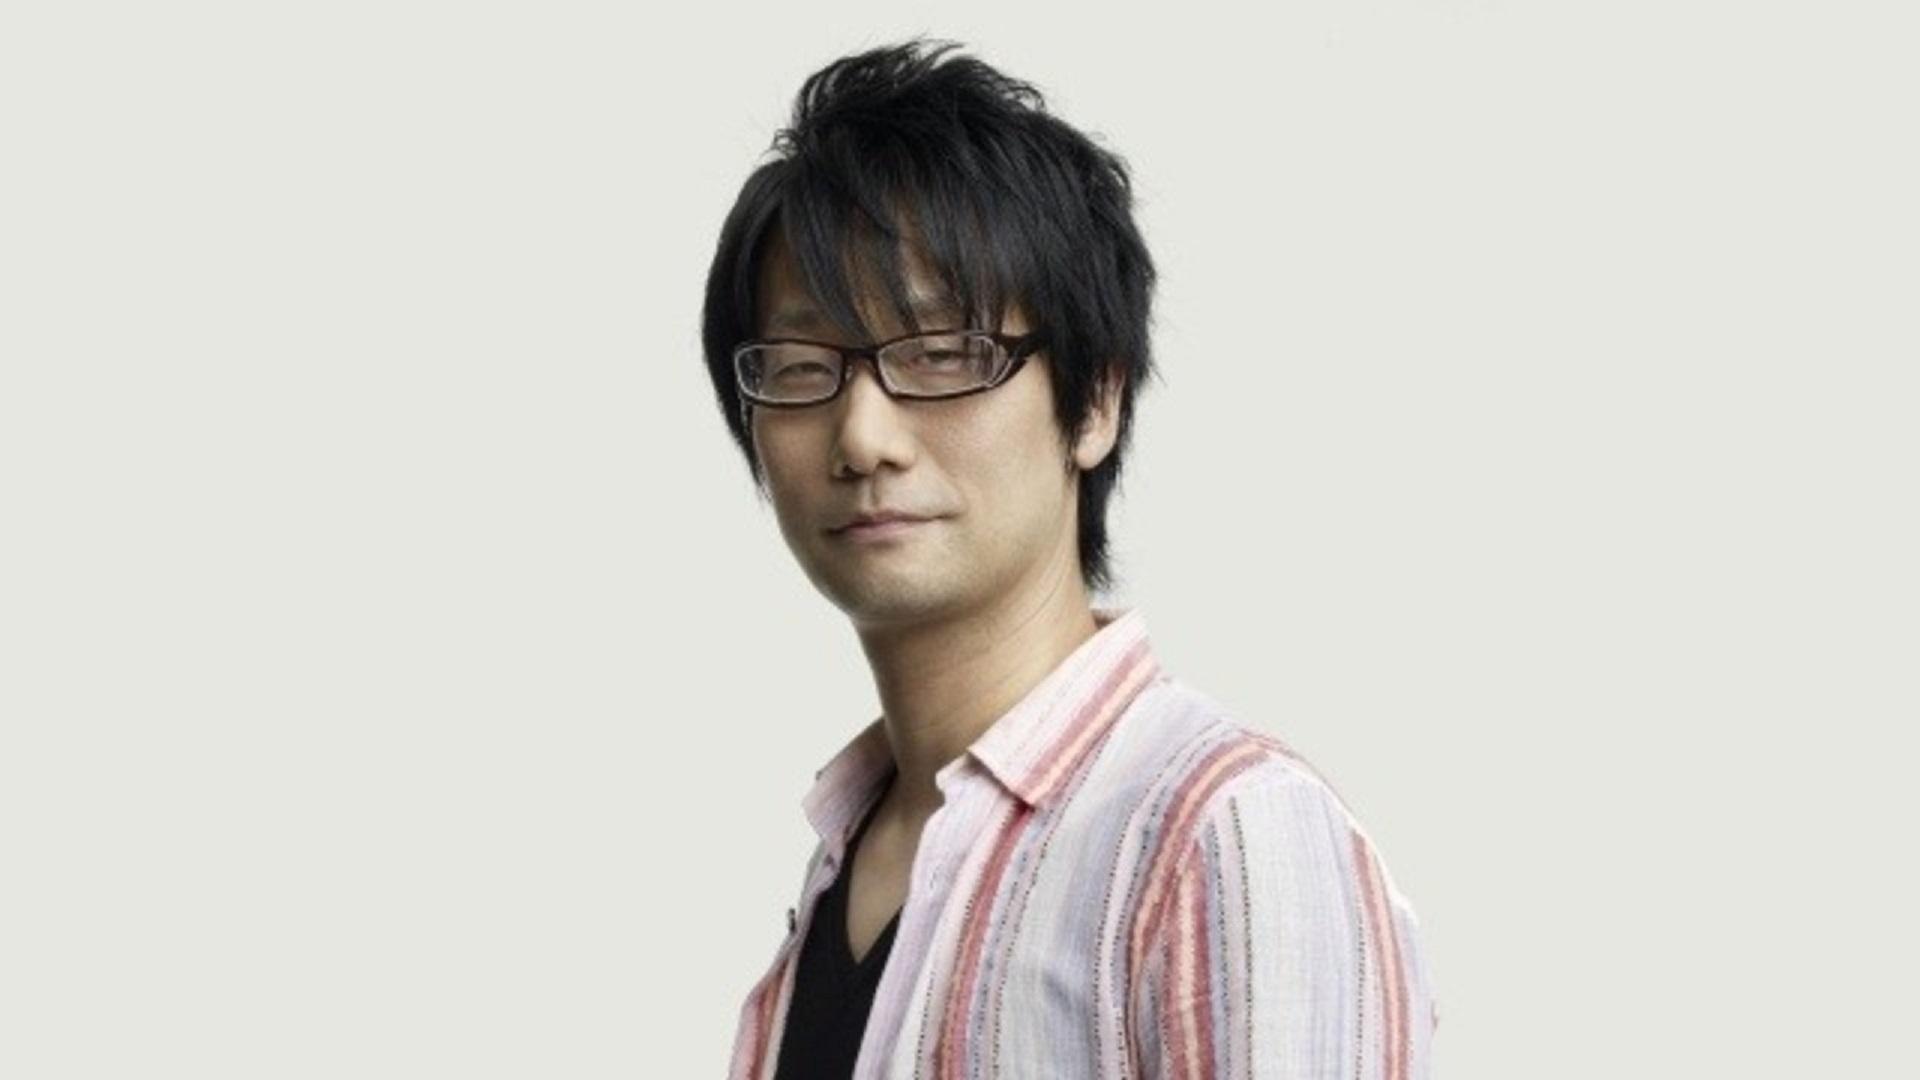 Ecco gli auguri di buon anno di Hideo Kojima